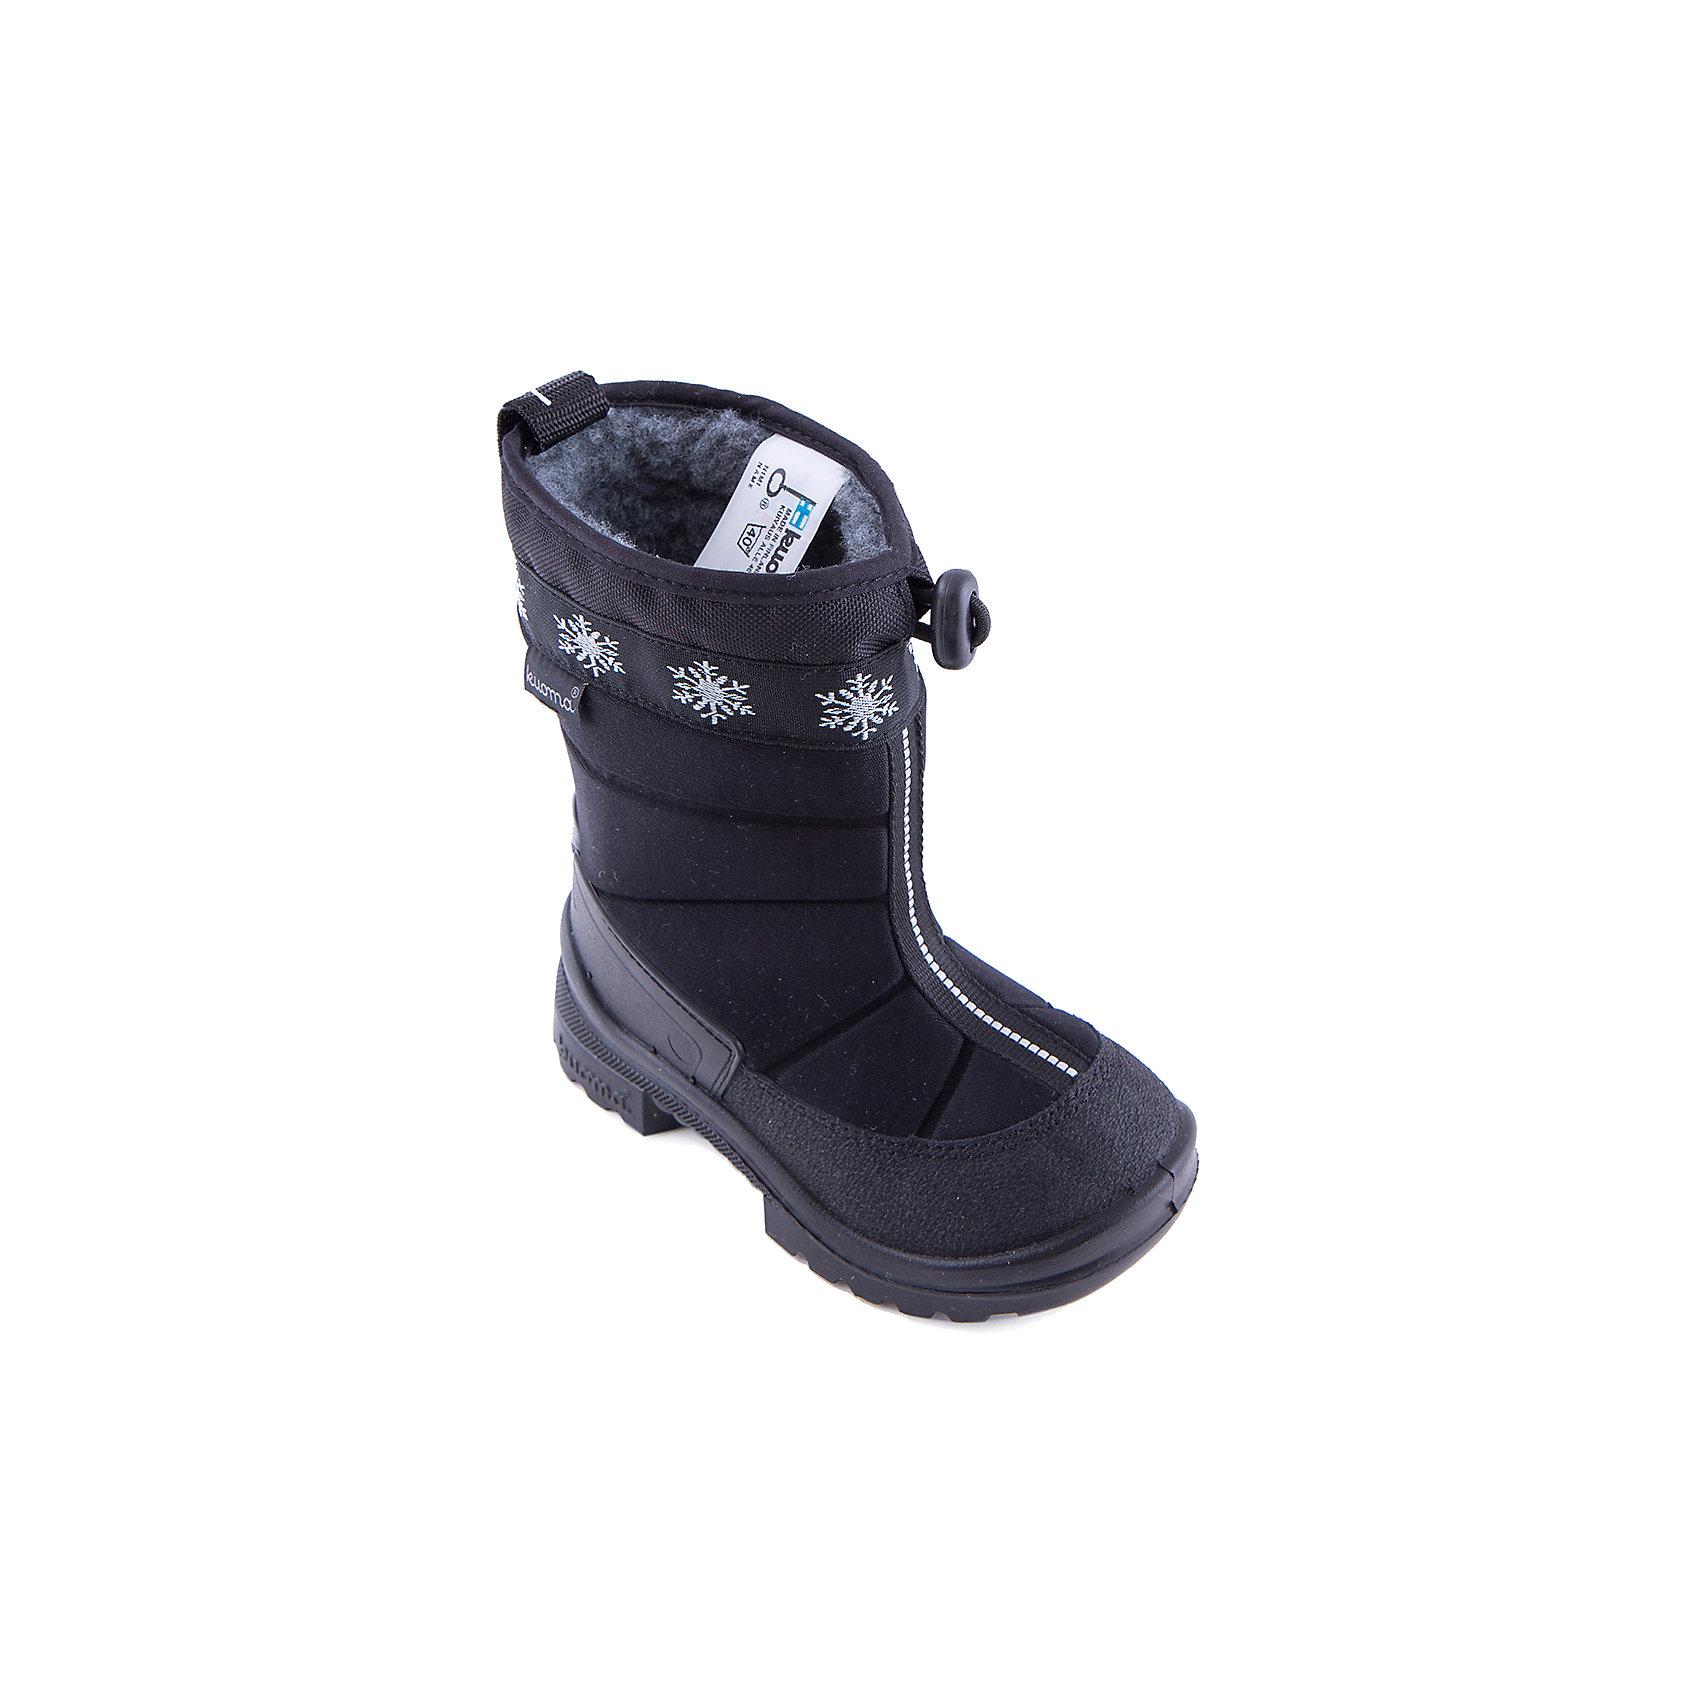 Зимние сапоги для мальчика KUOMAСапоги Kuoma(Куома) подойдут даже для самой холодной зимы. Верх сапожек имеет водо и грязеотталкивающую пропитку. Кроме того, эта обувь не промокает,  не скользит даже по льду и обладает высокой прочностью. Отличный вариант для зимы!<br><br>Дополнительная информация:<br>Материал. Верх: текстиль. Подкладка: искусственный материал. Стелька: искусственный мех. Подошва: полиуретан<br>Сезон: зима<br><br>Сапоги Kuoma(Куома) вы можете приобрести в нашем интернет-магазине.<br><br>Ширина мм: 257<br>Глубина мм: 180<br>Высота мм: 130<br>Вес г: 420<br>Цвет: черный<br>Возраст от месяцев: 12<br>Возраст до месяцев: 15<br>Пол: Мужской<br>Возраст: Детский<br>Размер: 22,25,26,24,23,31,29,32,33,35,27,28,30,21,34<br>SKU: 2556304